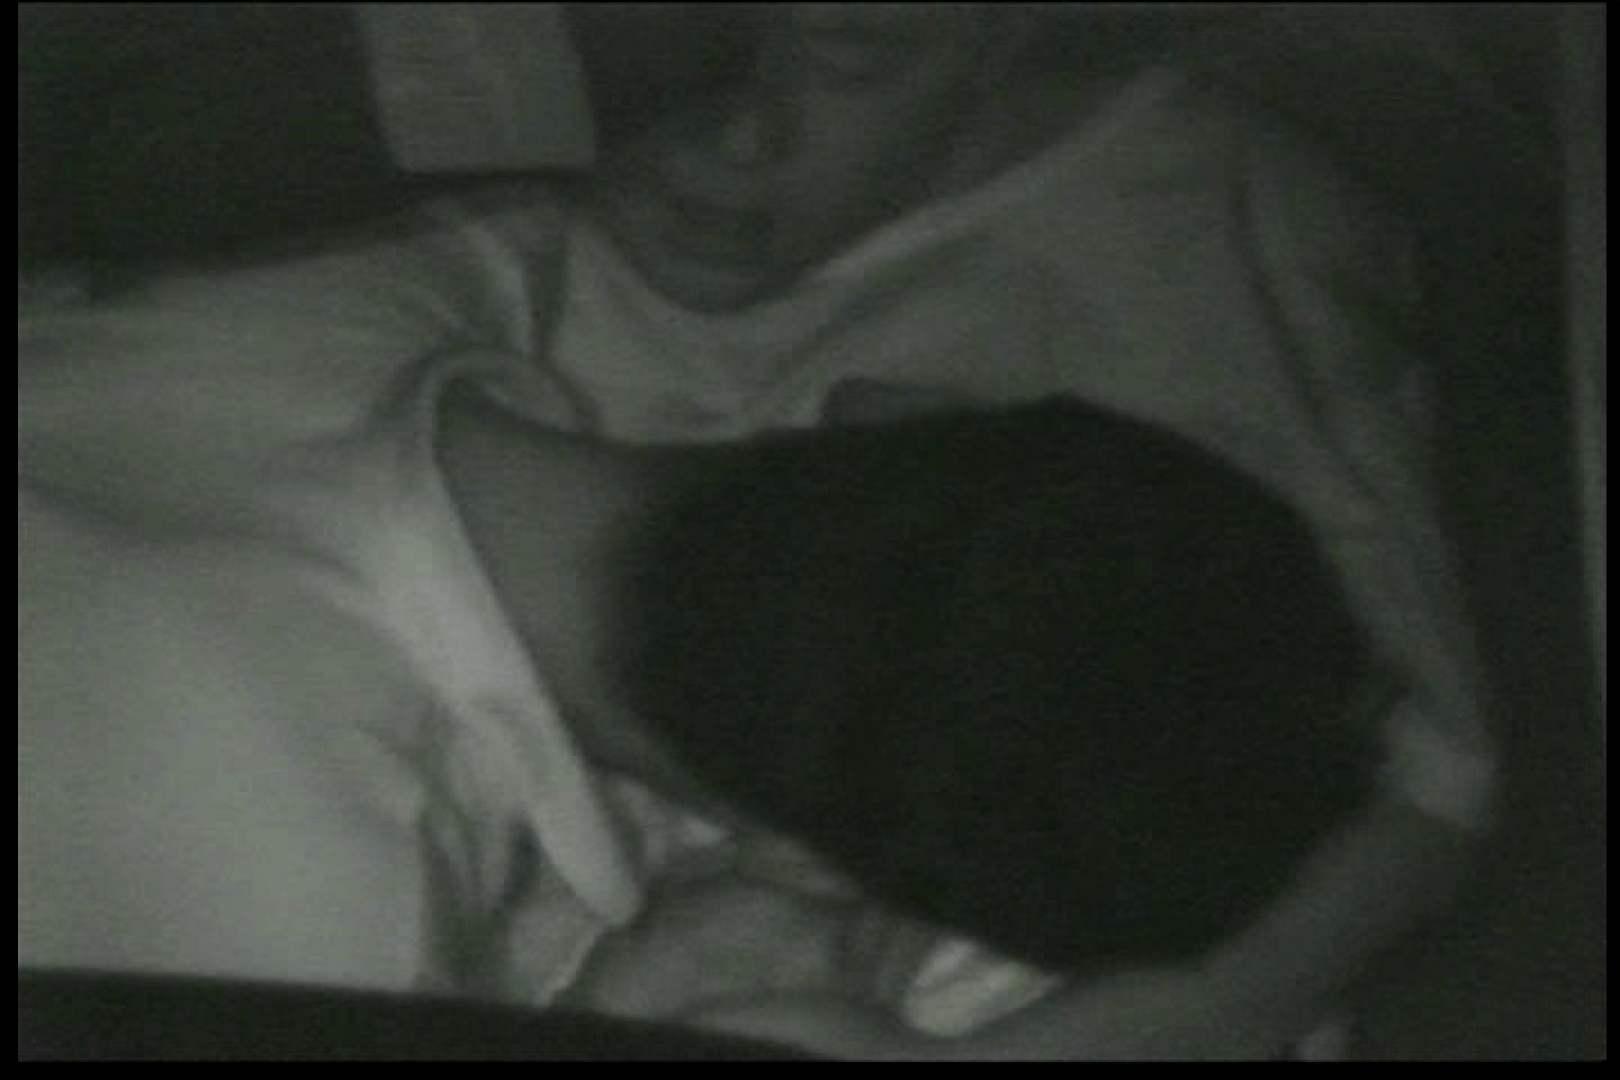 車の中はラブホテル 無修正版  Vol.12 ホテルでエッチ 盗撮おめこ無修正動画無料 35pic 5